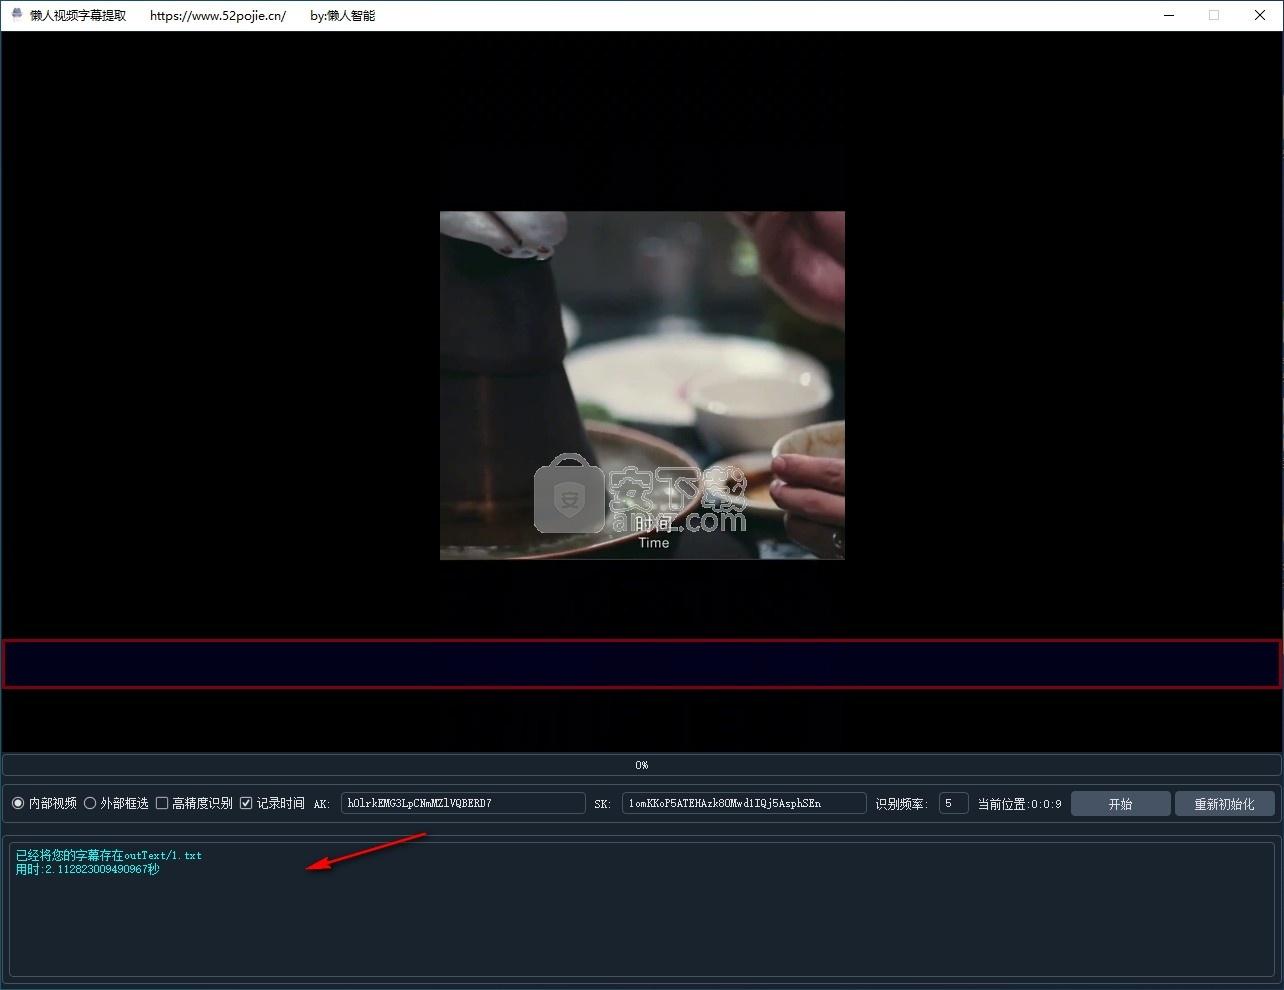 懒人视频字幕提取工具